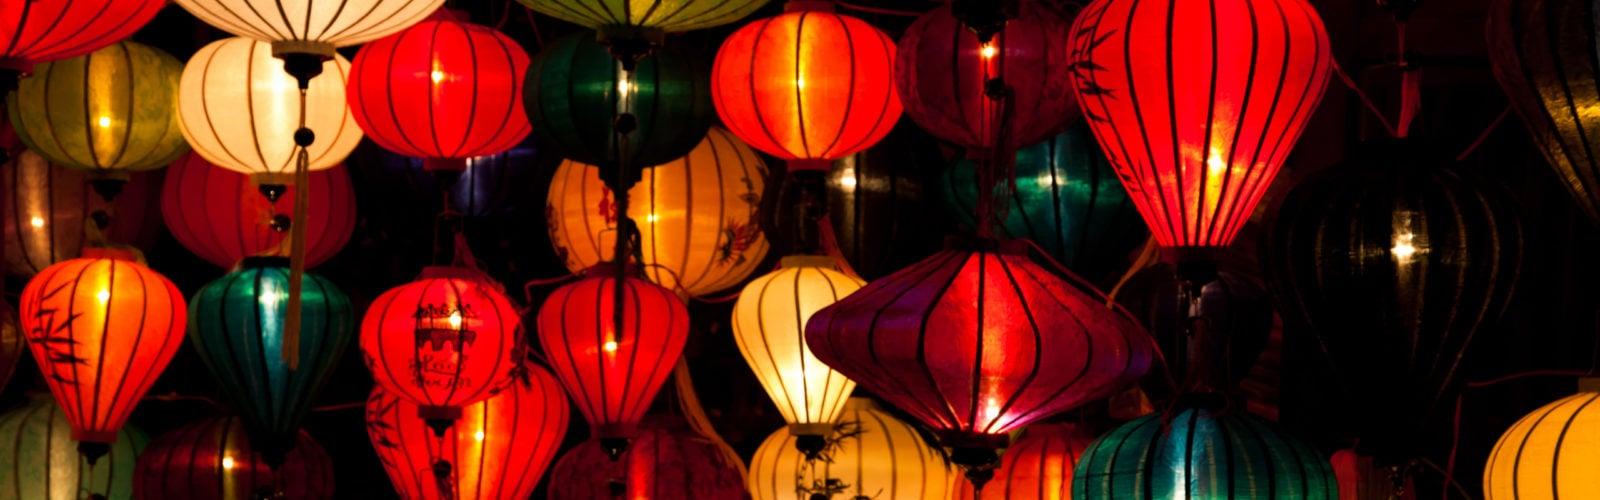 silk-lanterns-hoi-an-vietnam